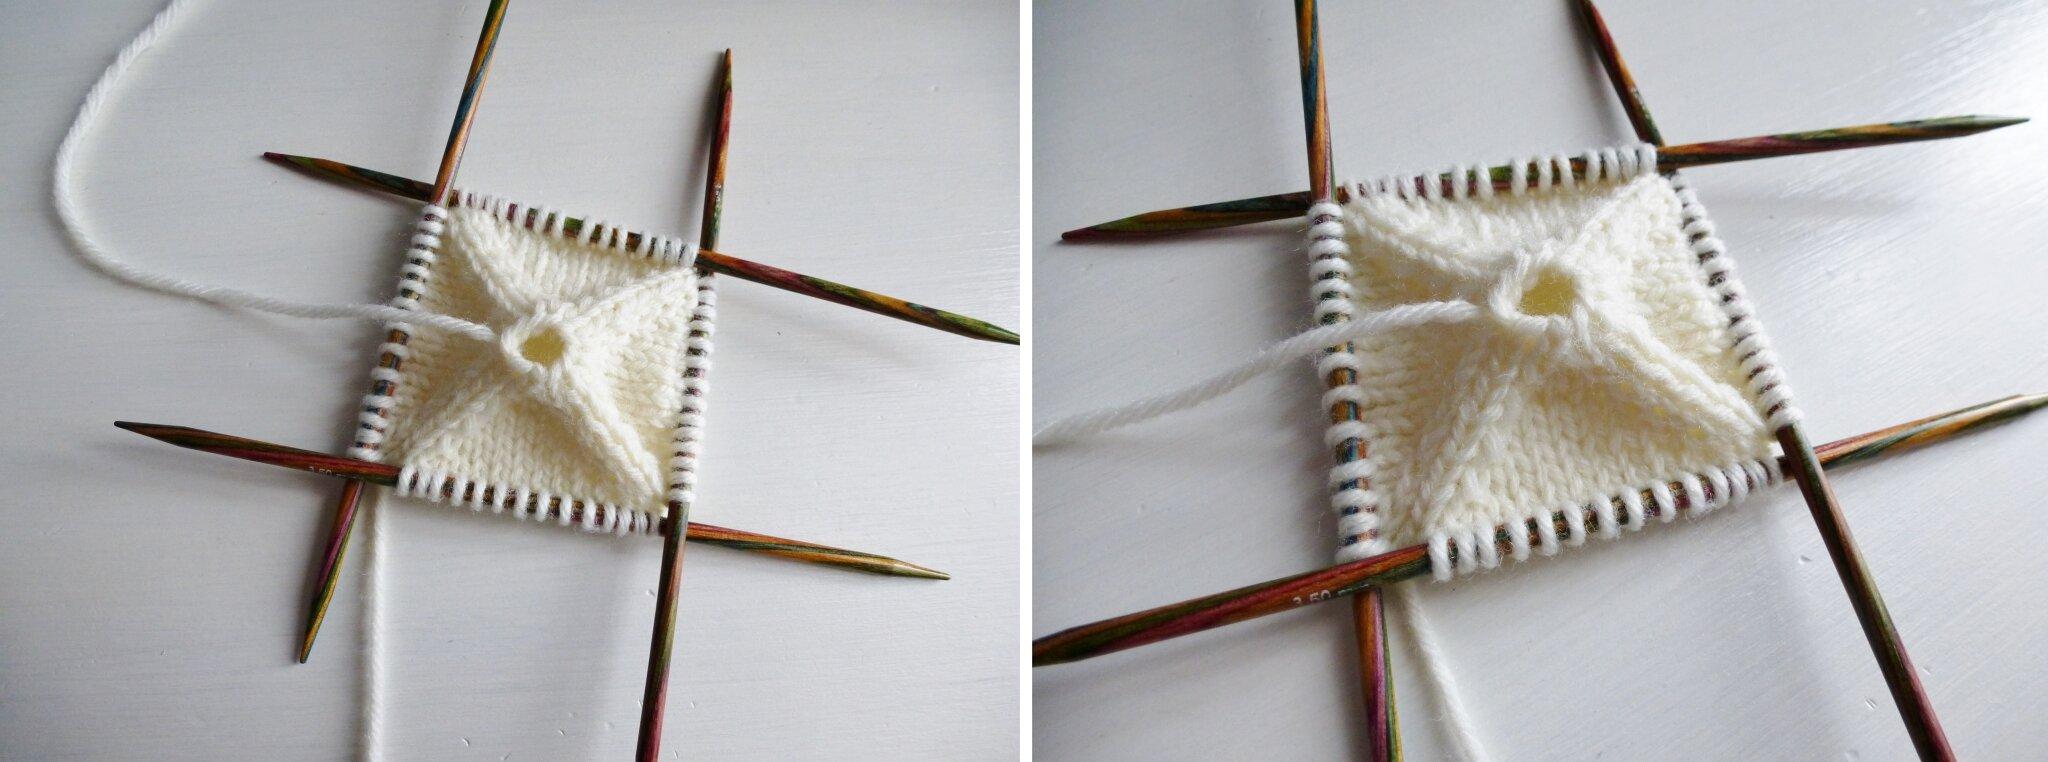 beautiful fabriquer ses cadeaux noel #8: plateau-de-service-en-bois